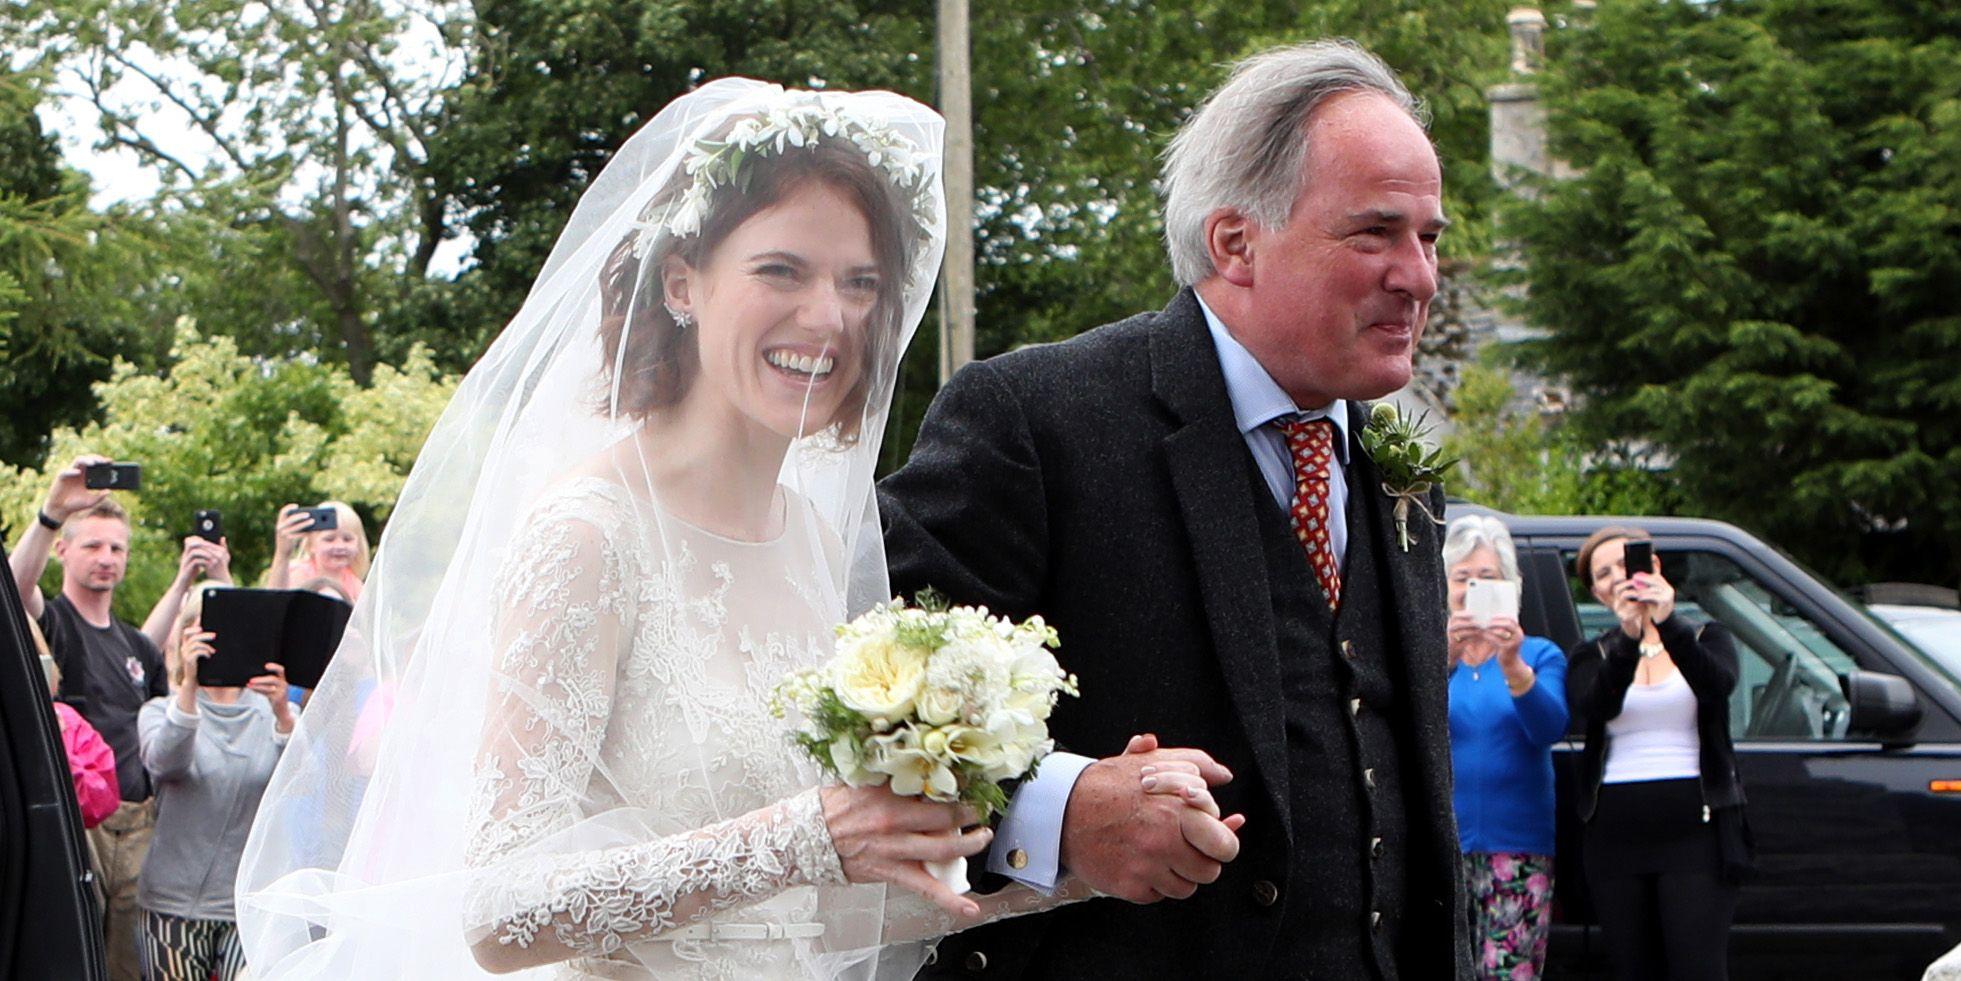 Rose leslie wedding dress details rose leslie wears lace wedding rose leslie wedding dress details rose leslie wears lace wedding dress kit harington junglespirit Gallery